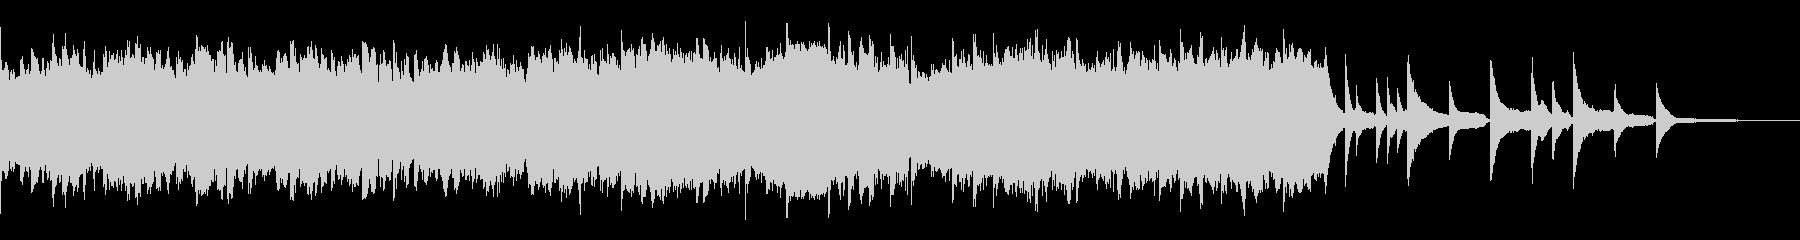 ピアノバラード サウンドロゴの未再生の波形